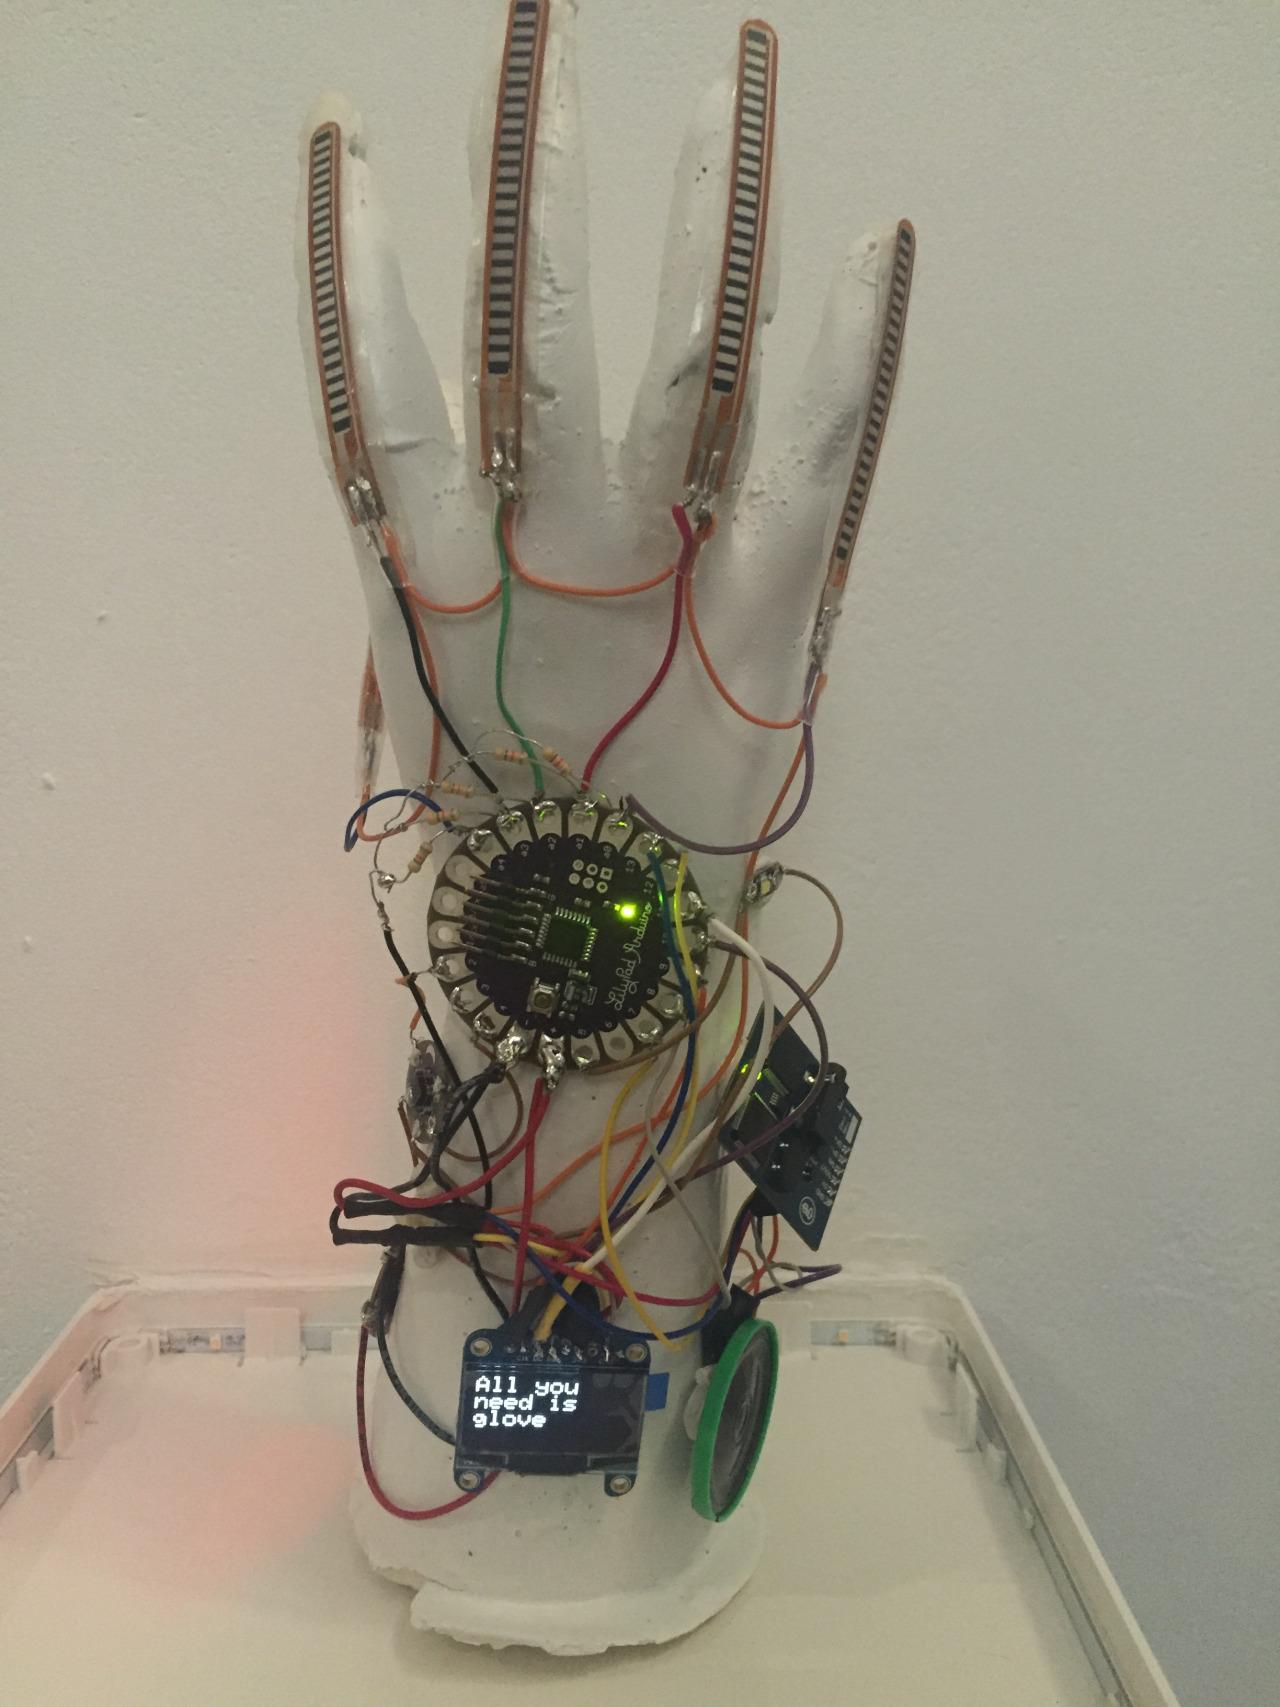 Студентка представила перчатку, которая позволит общаться людям с нарушениями речи - 1